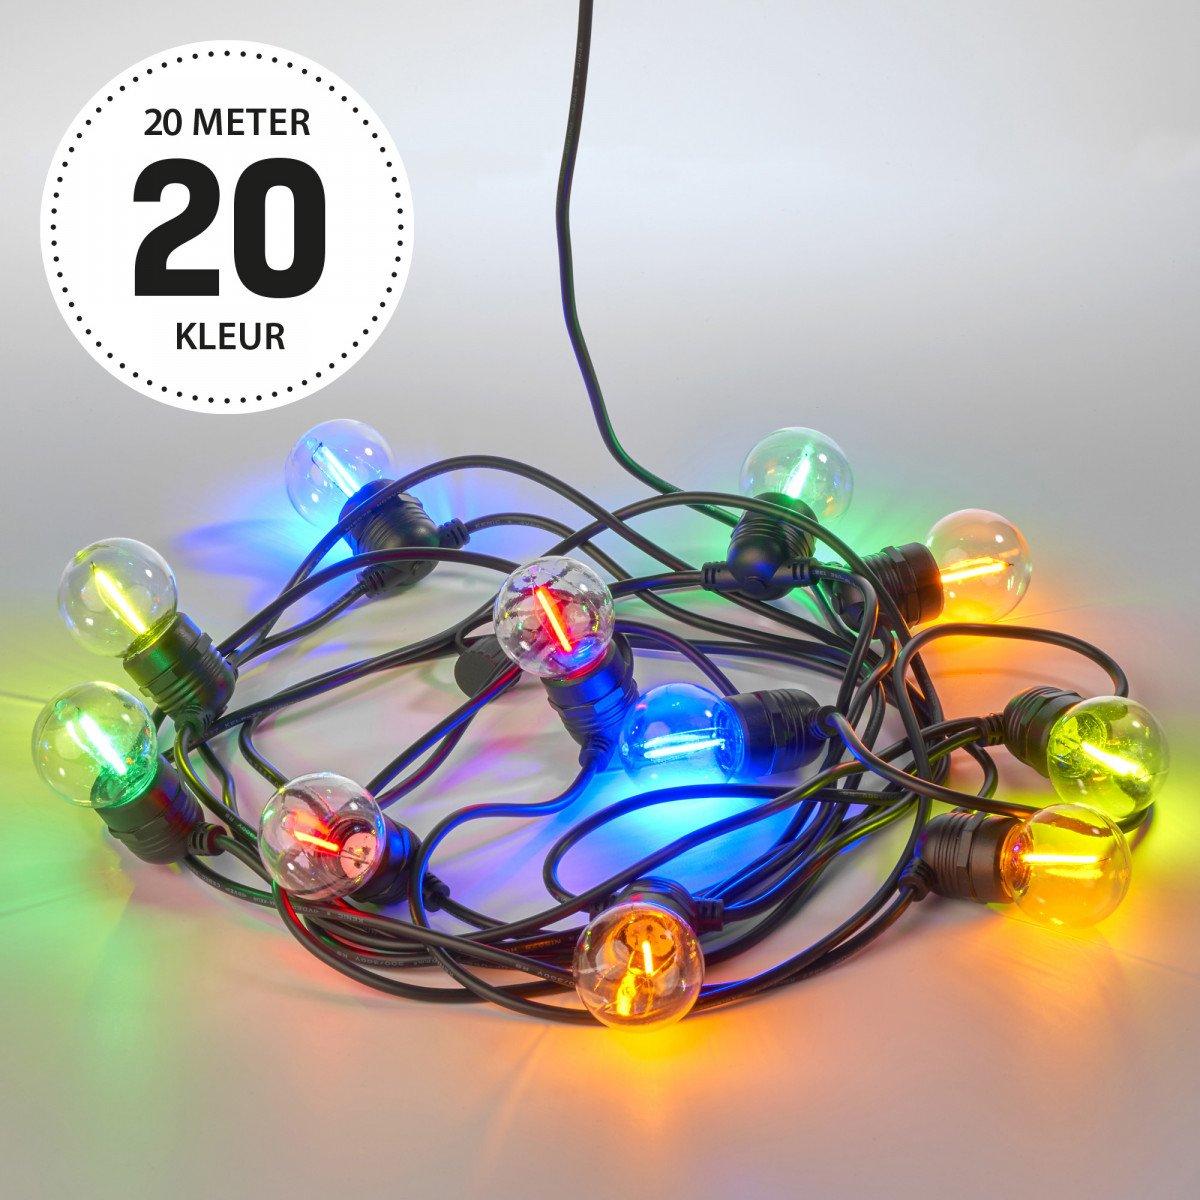 Lichtsnoer LED Party kleur 20 meter / 30 Bolletjes